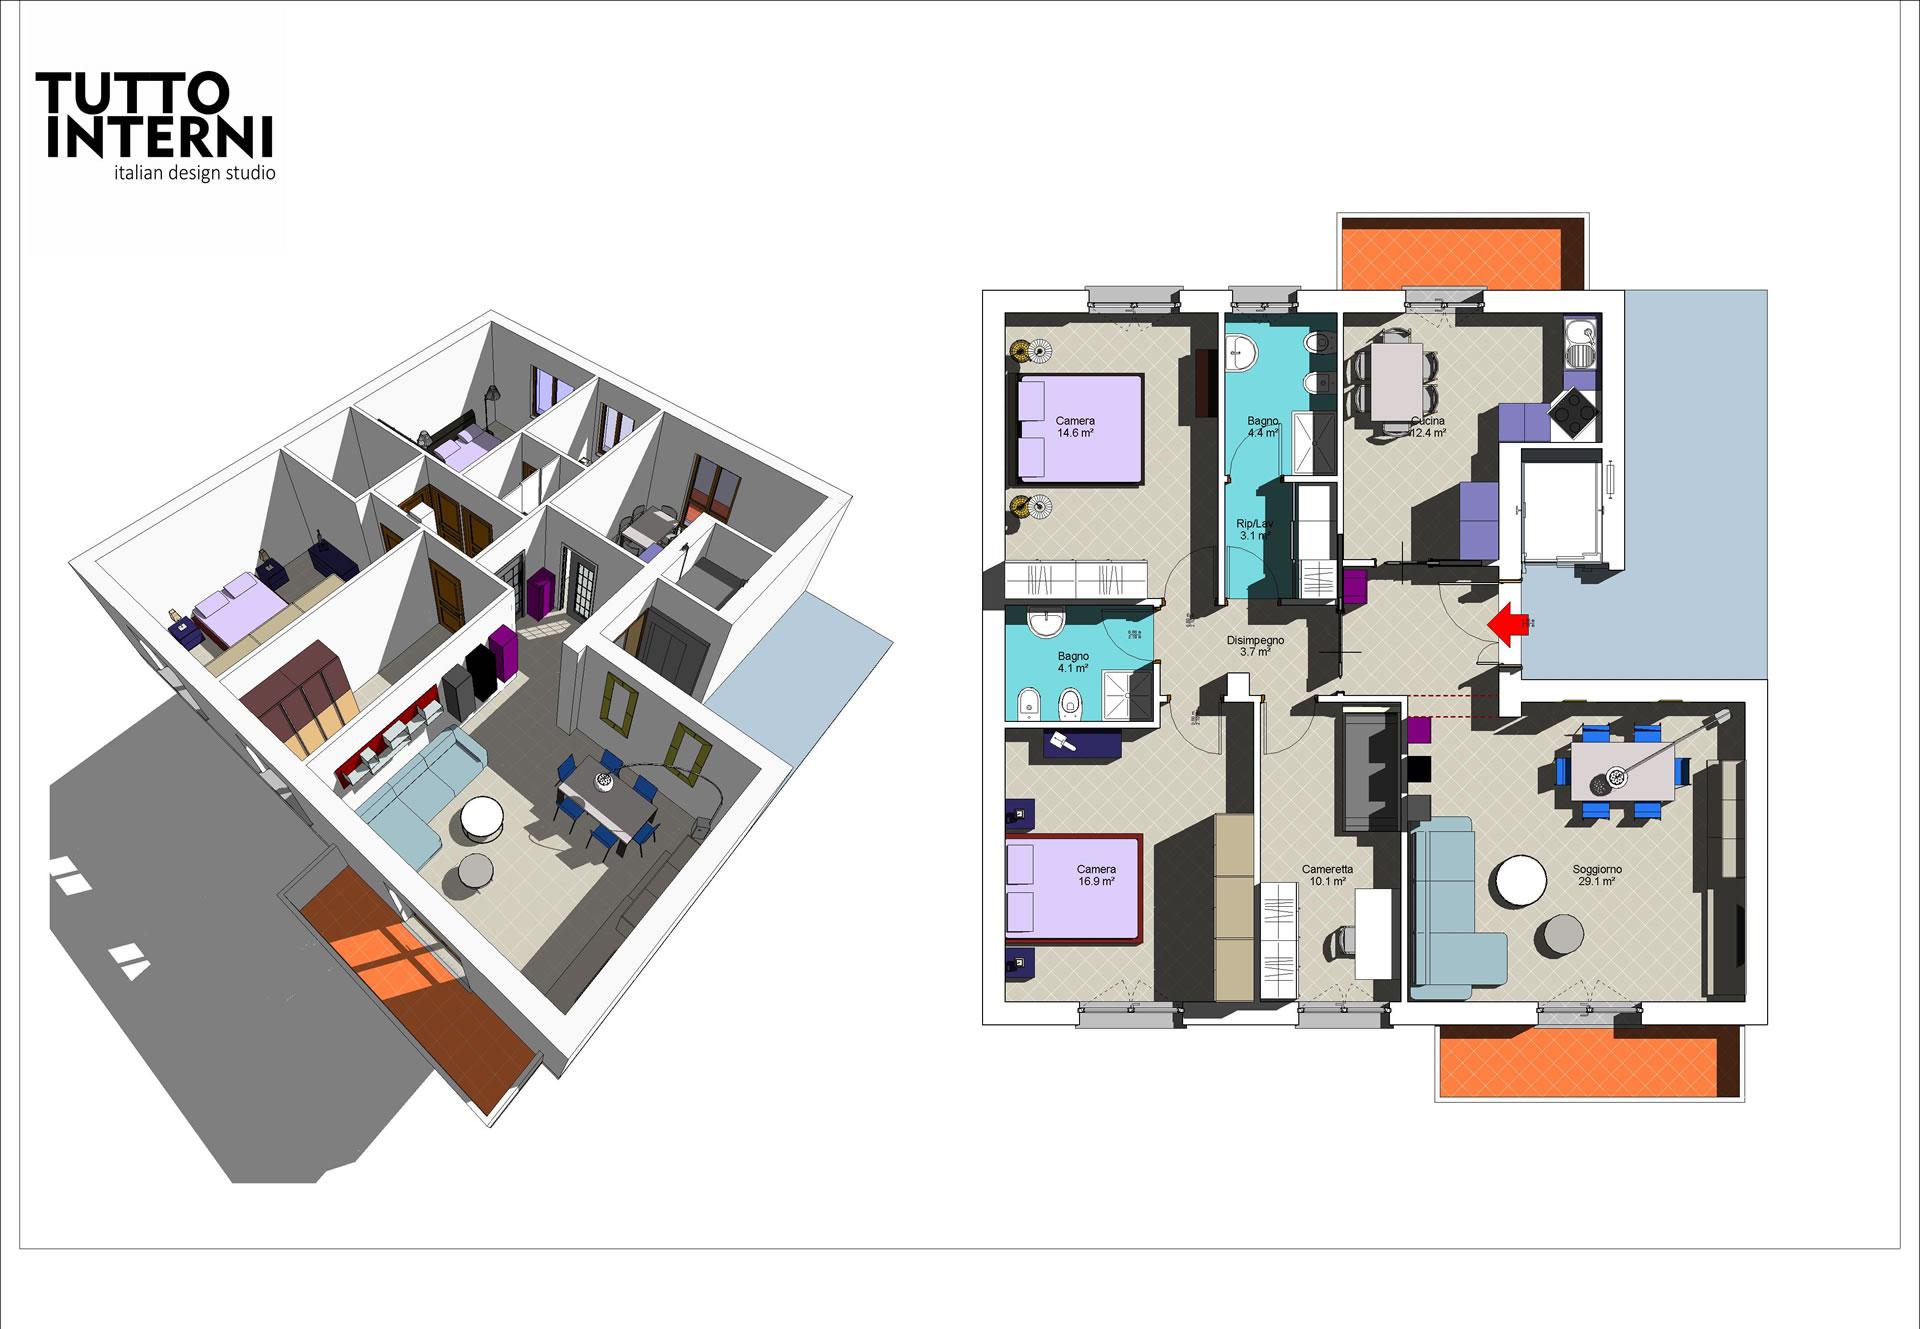 Progettazione interni e arredamento di case for Progettazione interni software